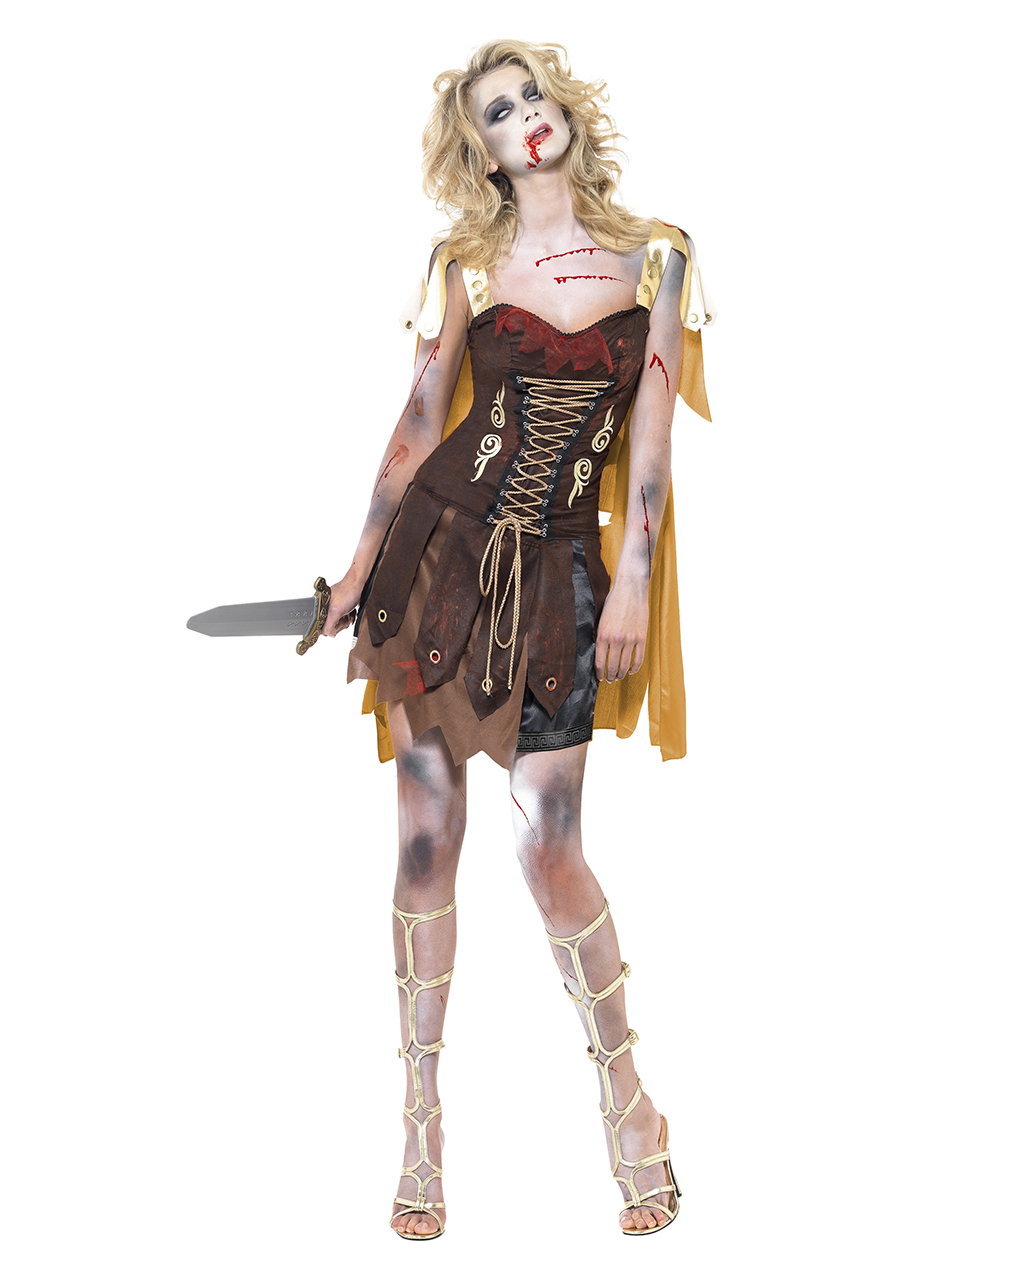 Zombie Kostüme Damen Schön Gladiator Zombie Kostüm Für Damen Faschings Verkleidung